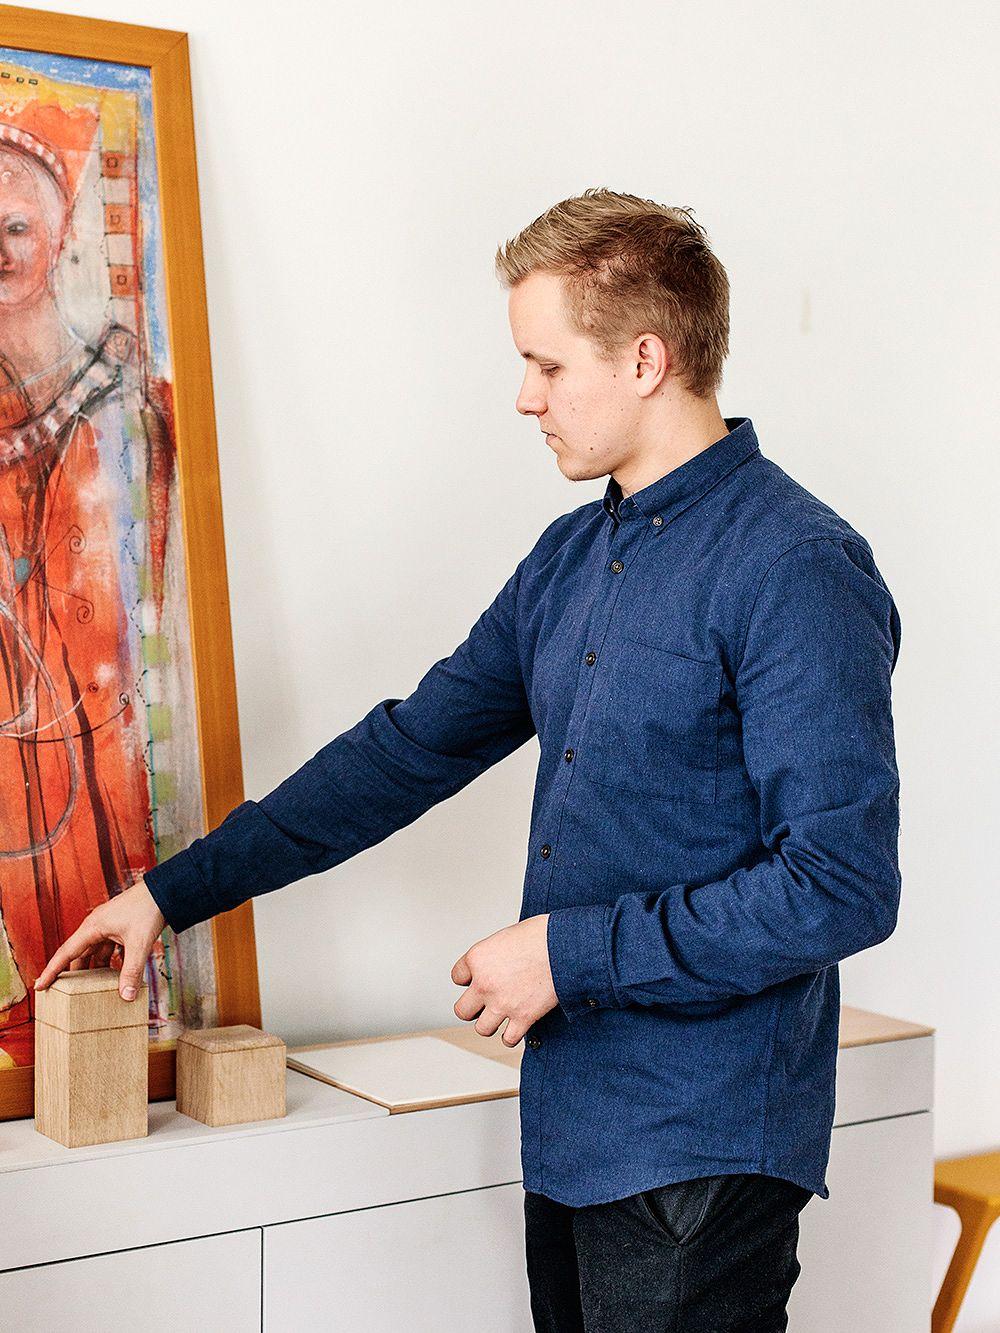 Antrei Hartikainen | Design Stories